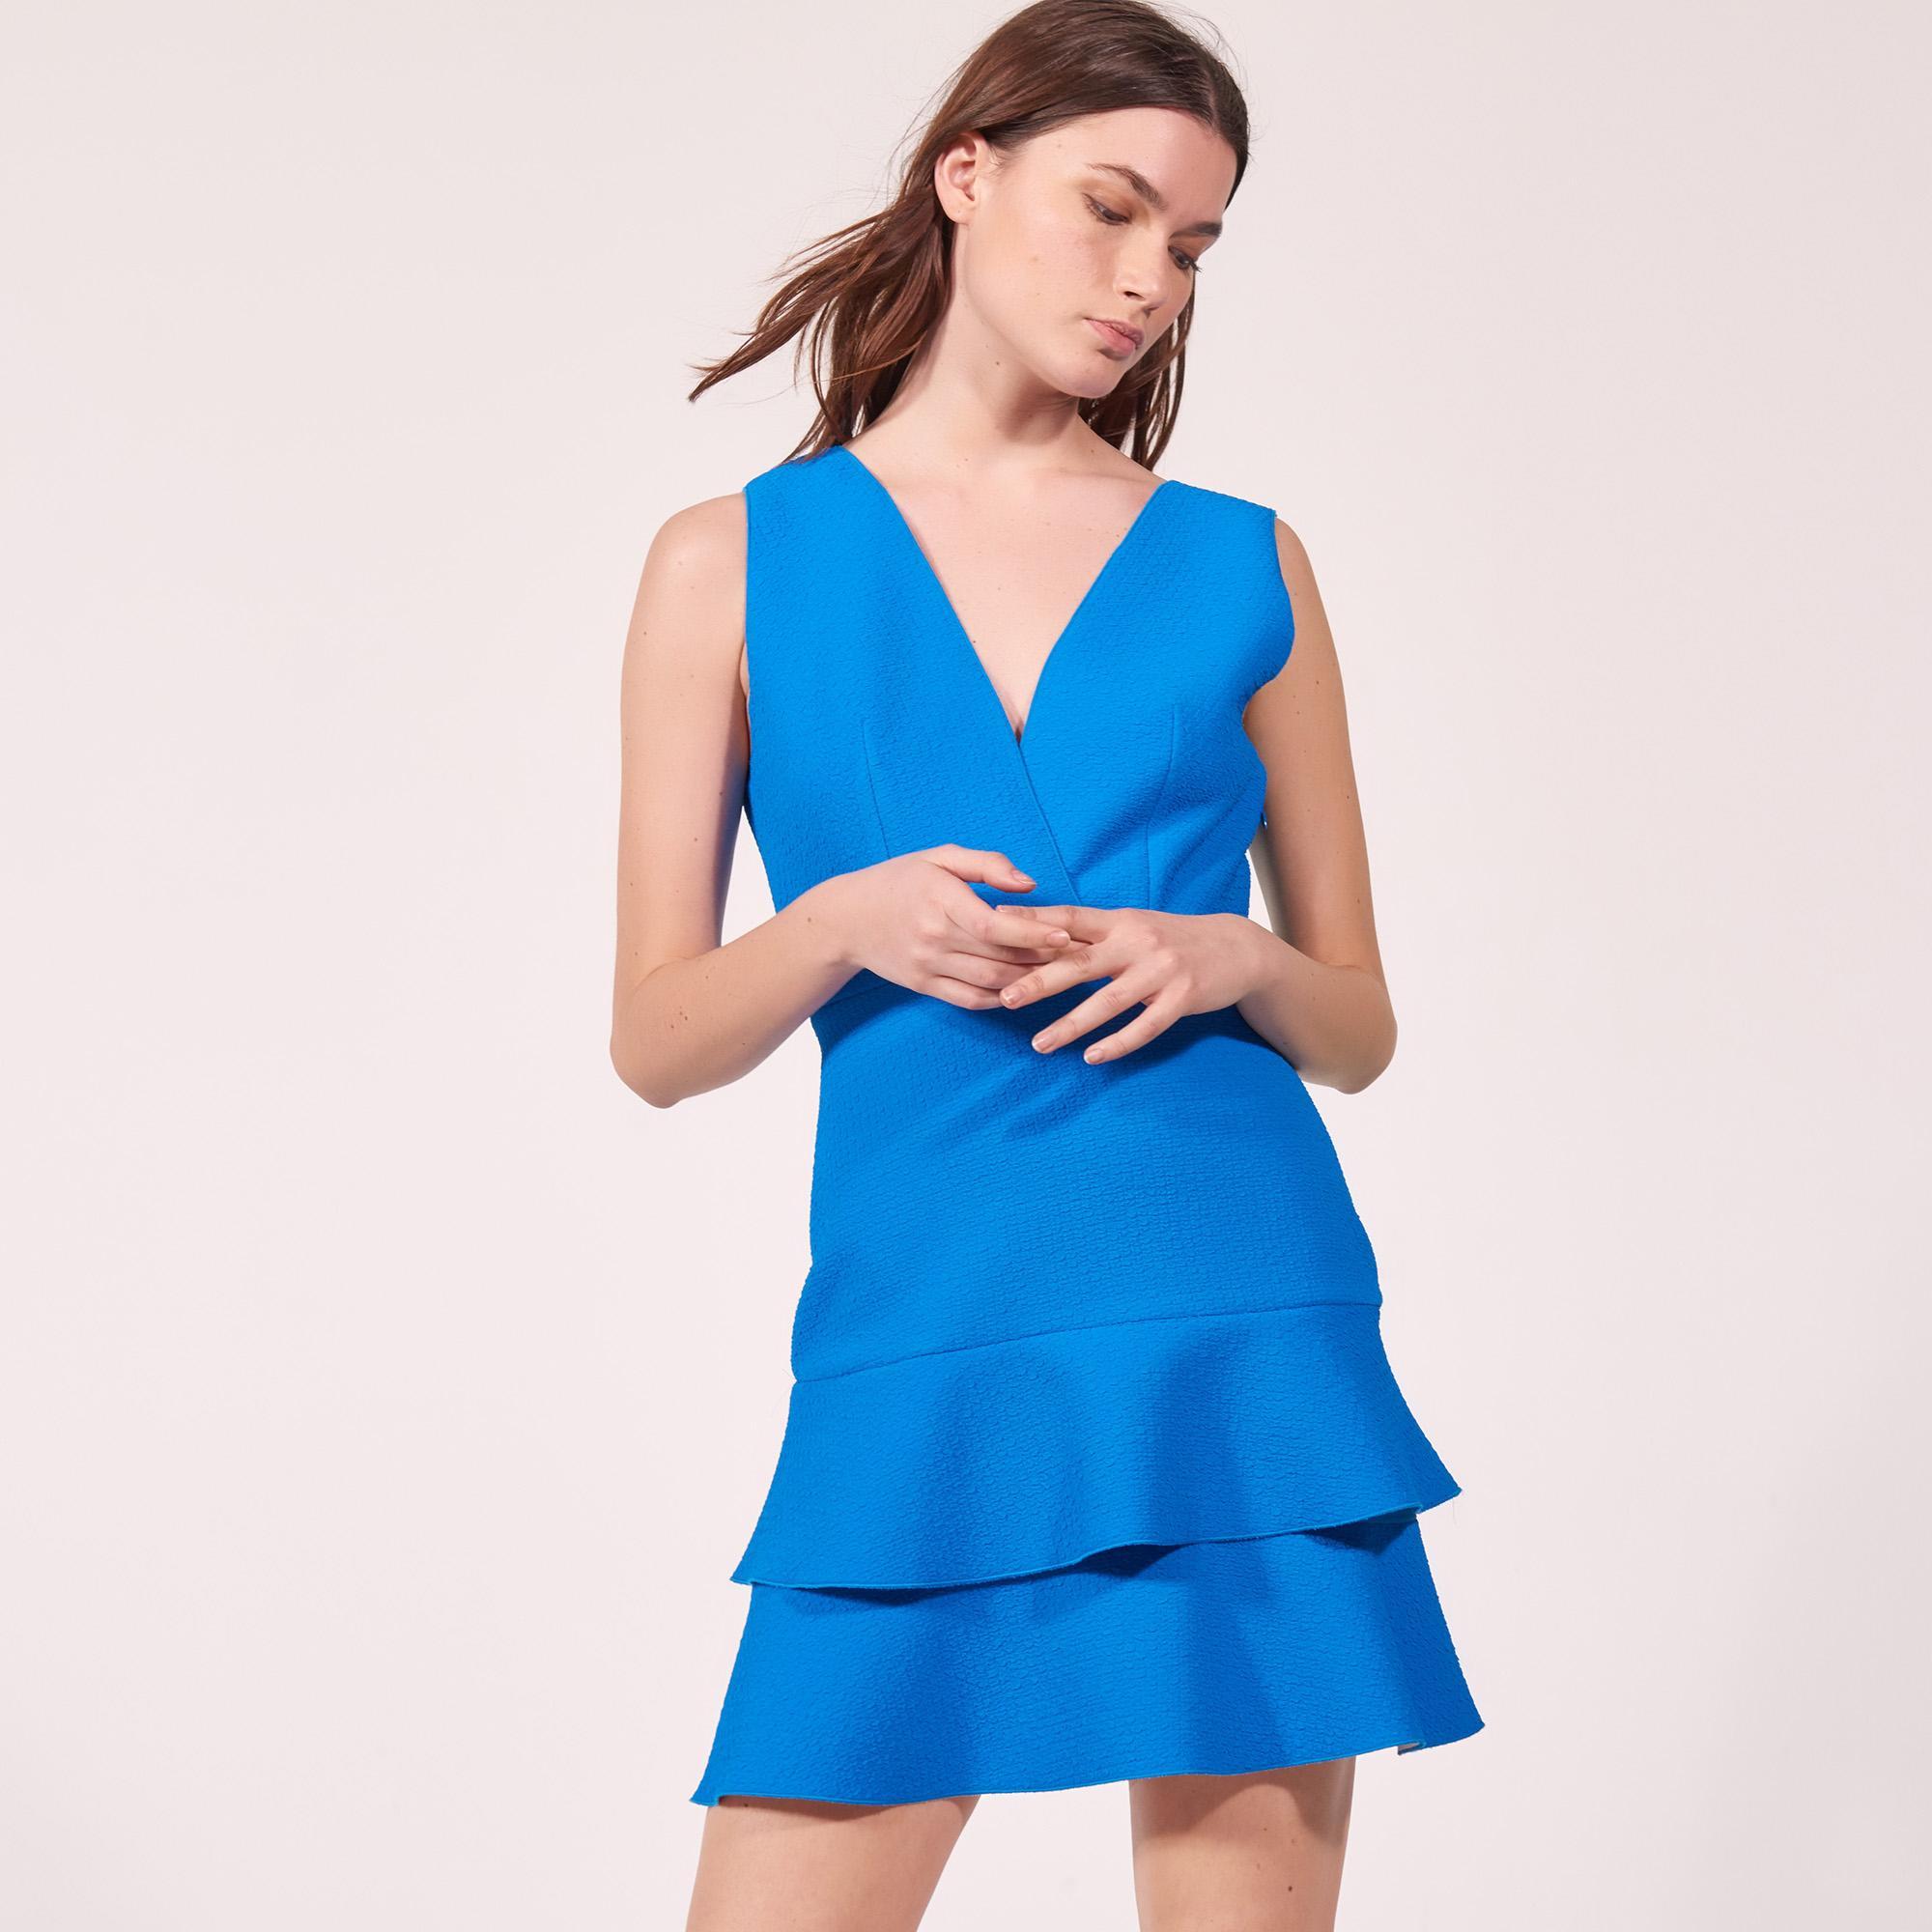 Robe bleu sandro